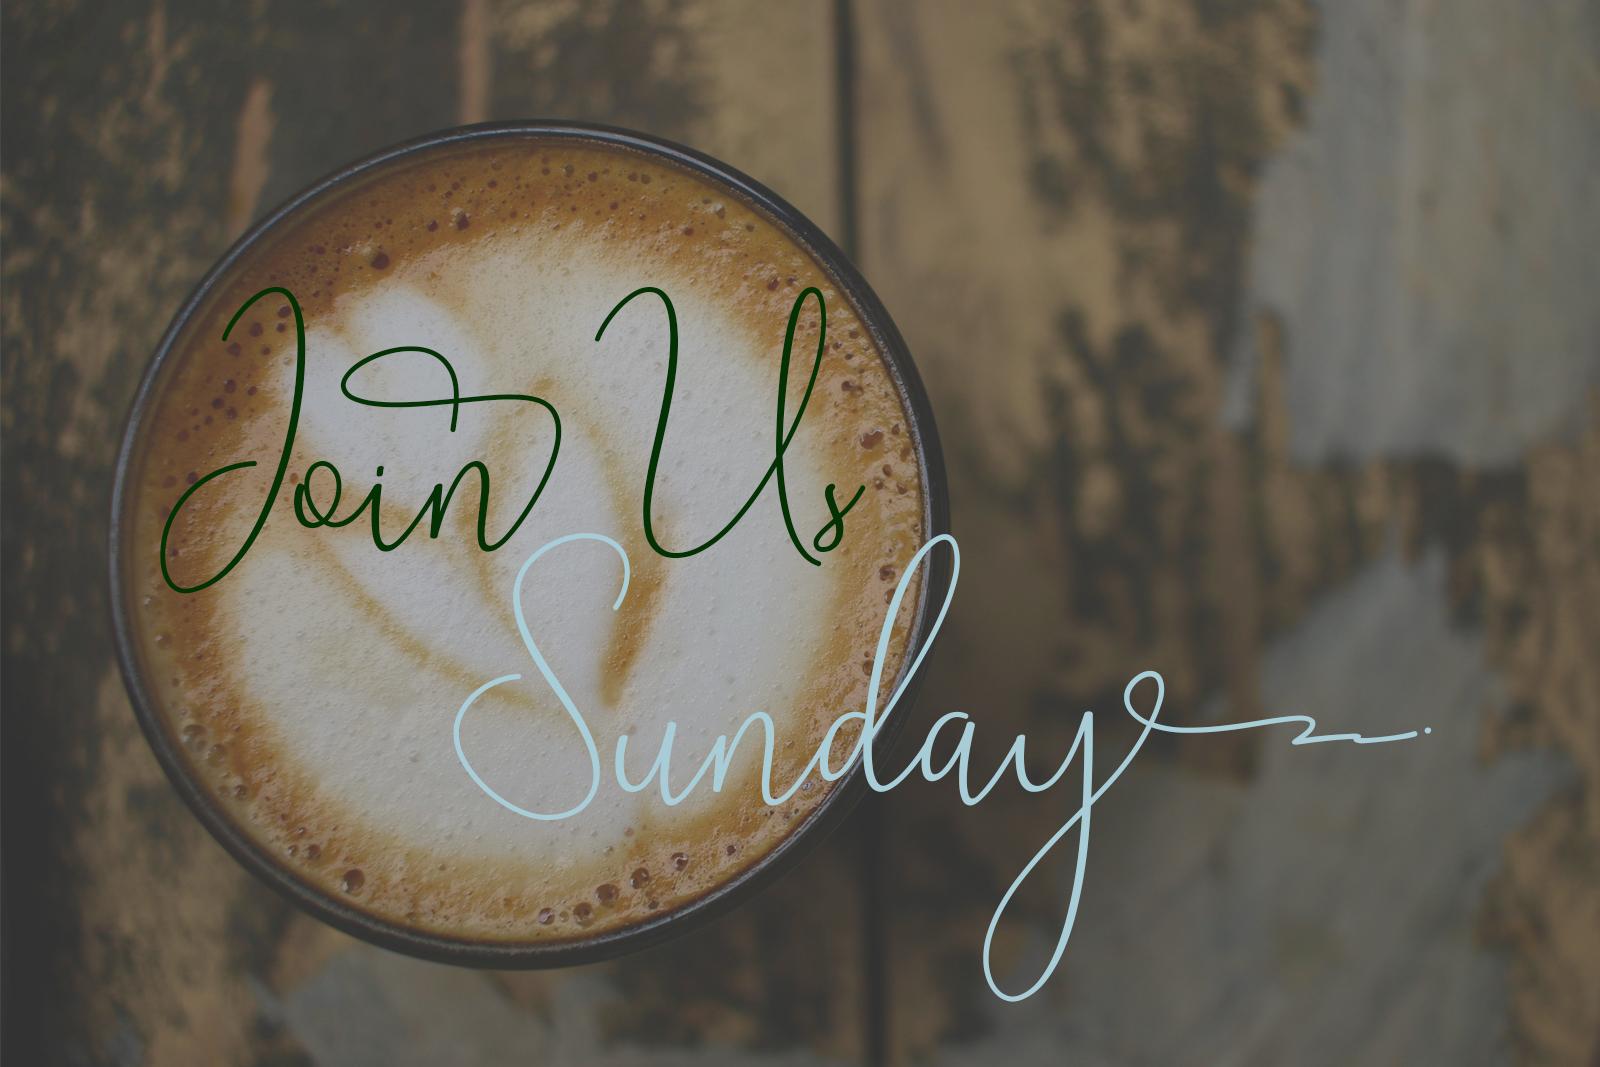 Sunday example image 2